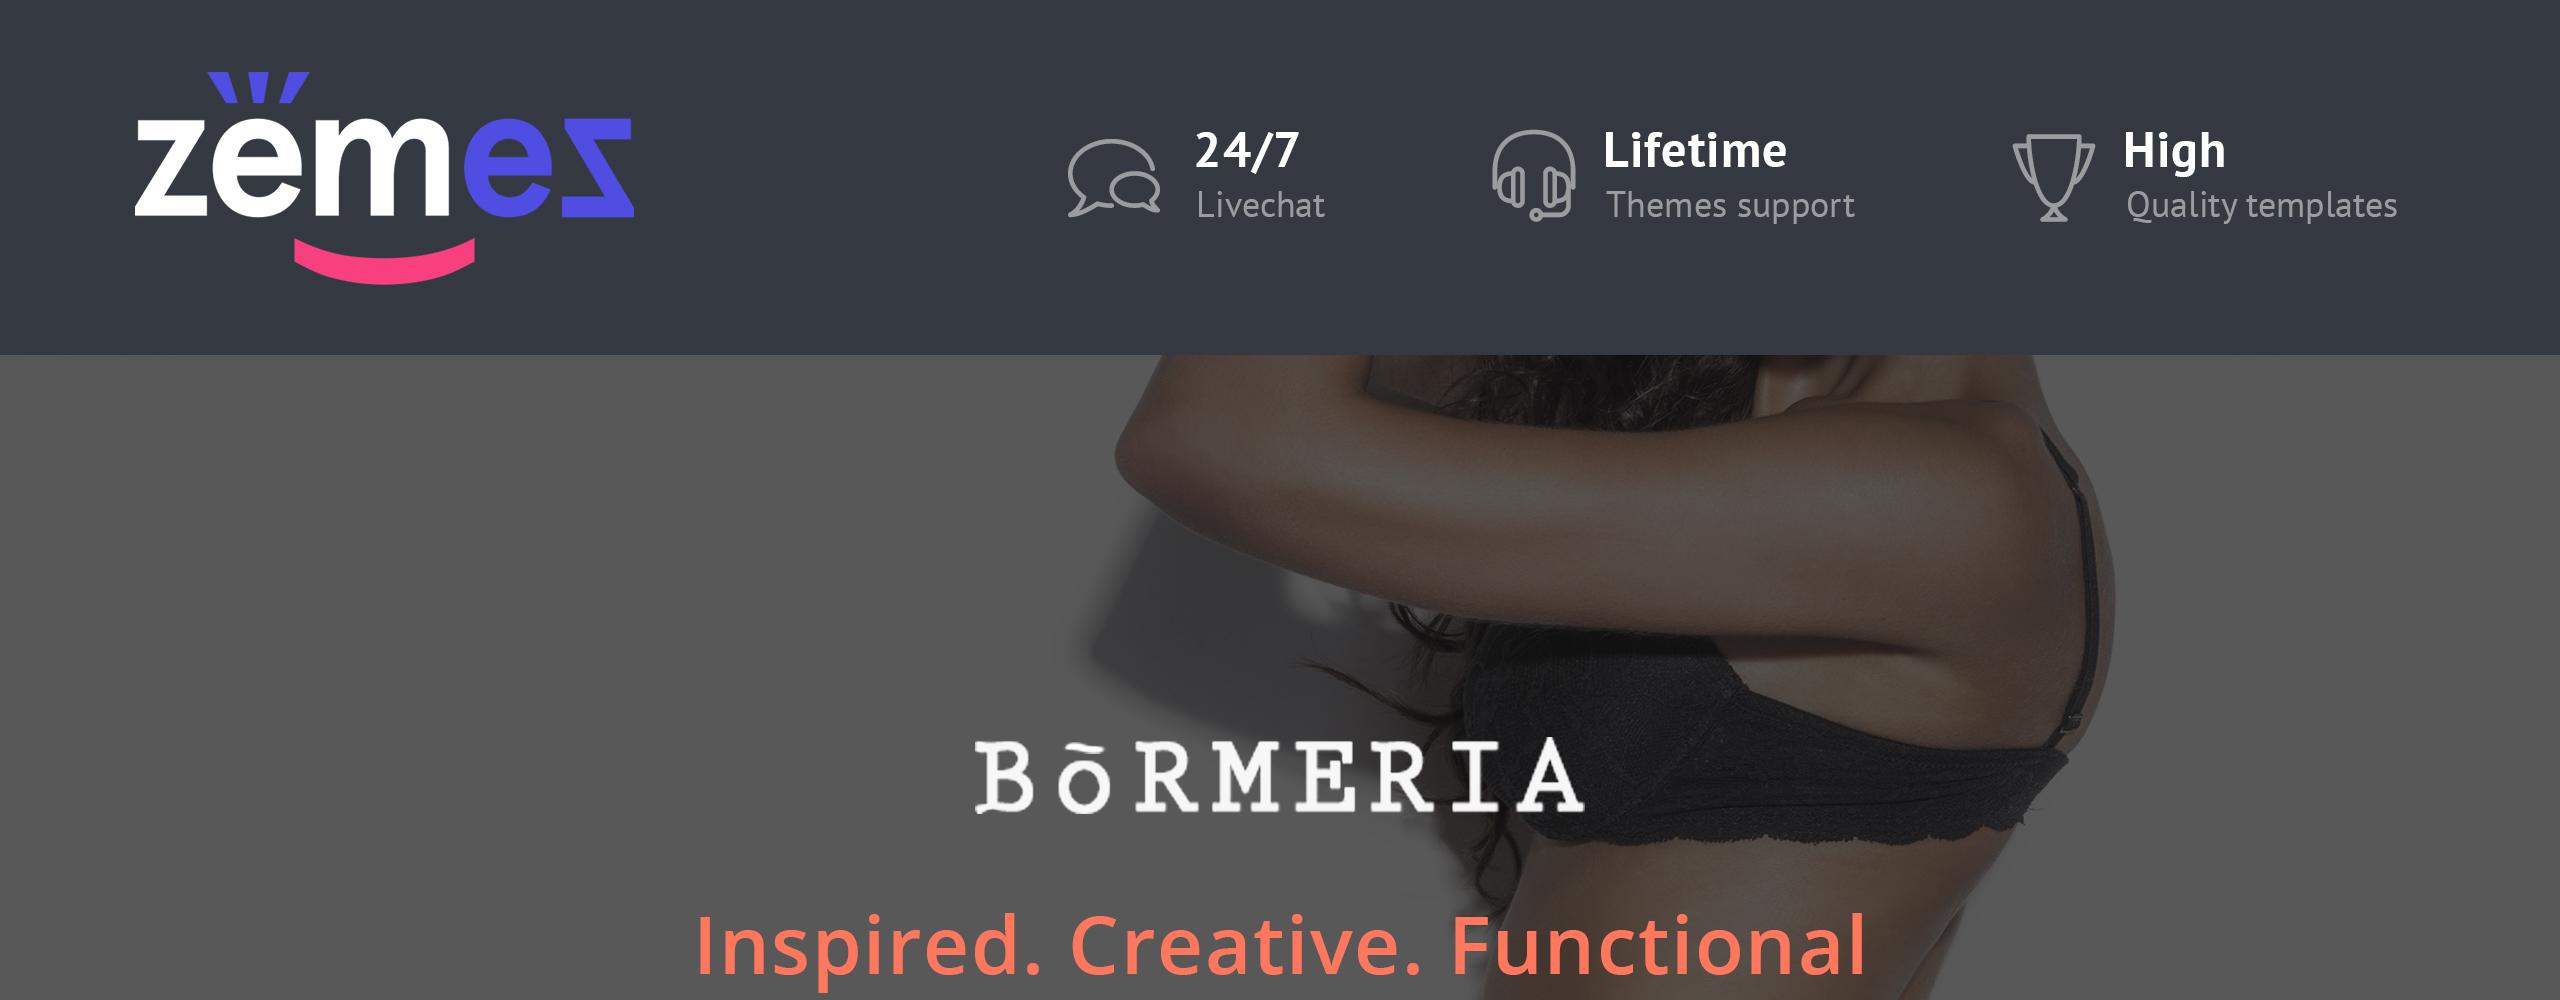 Bormeria PrestaShop Theme